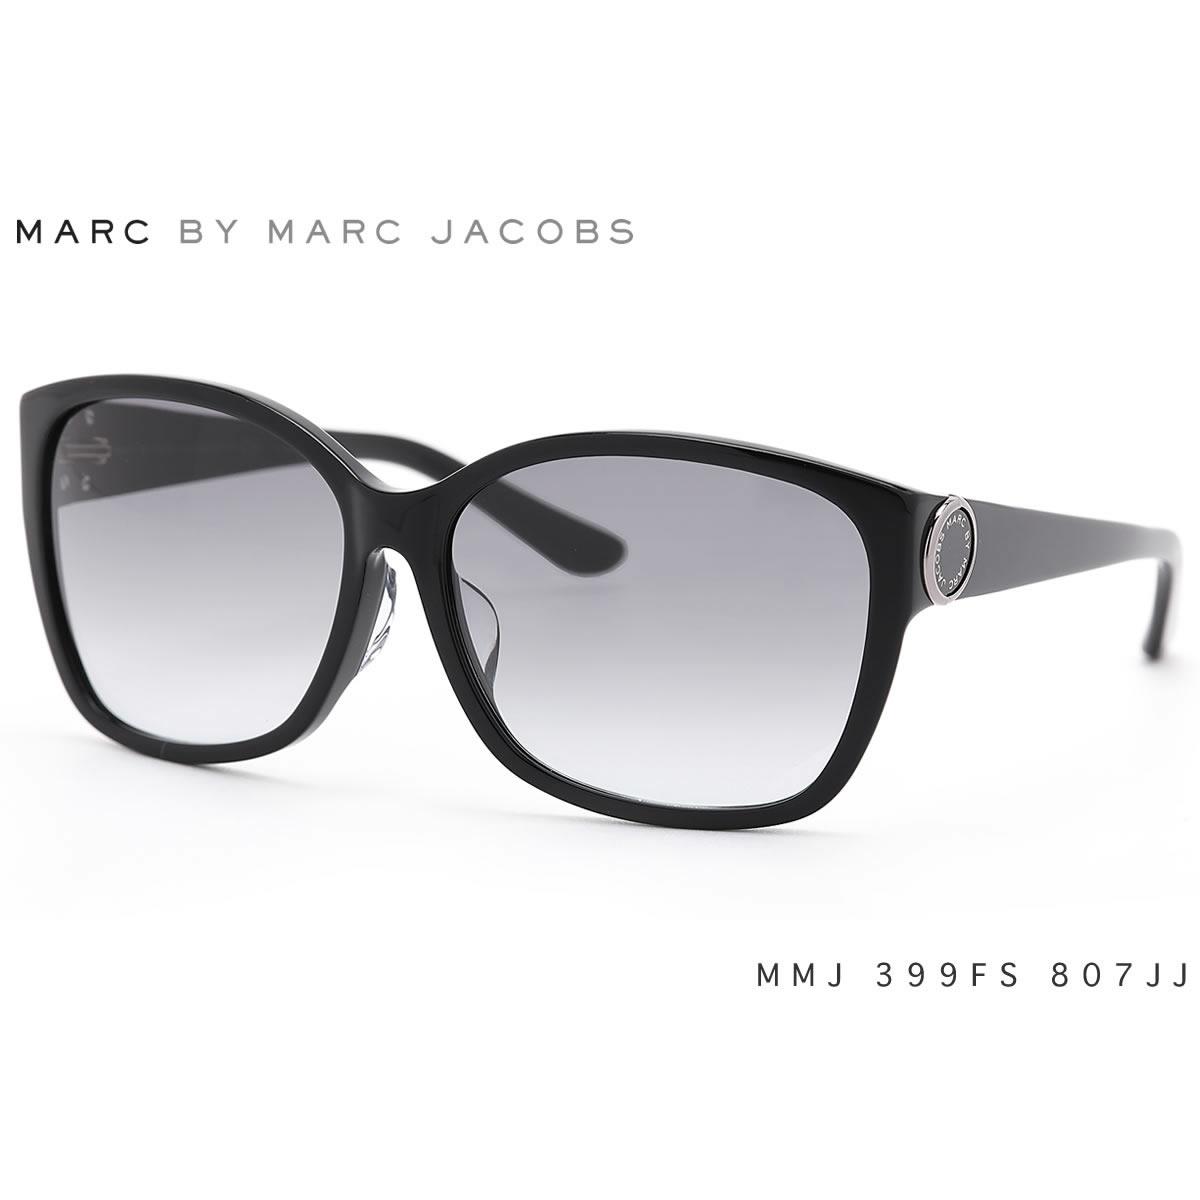 マークバイマークジェイコブス サングラス MMJ399FS 807/JJ 60サイズ MARC BY MARCJACOBS アジアンフィット レディース【Px20】